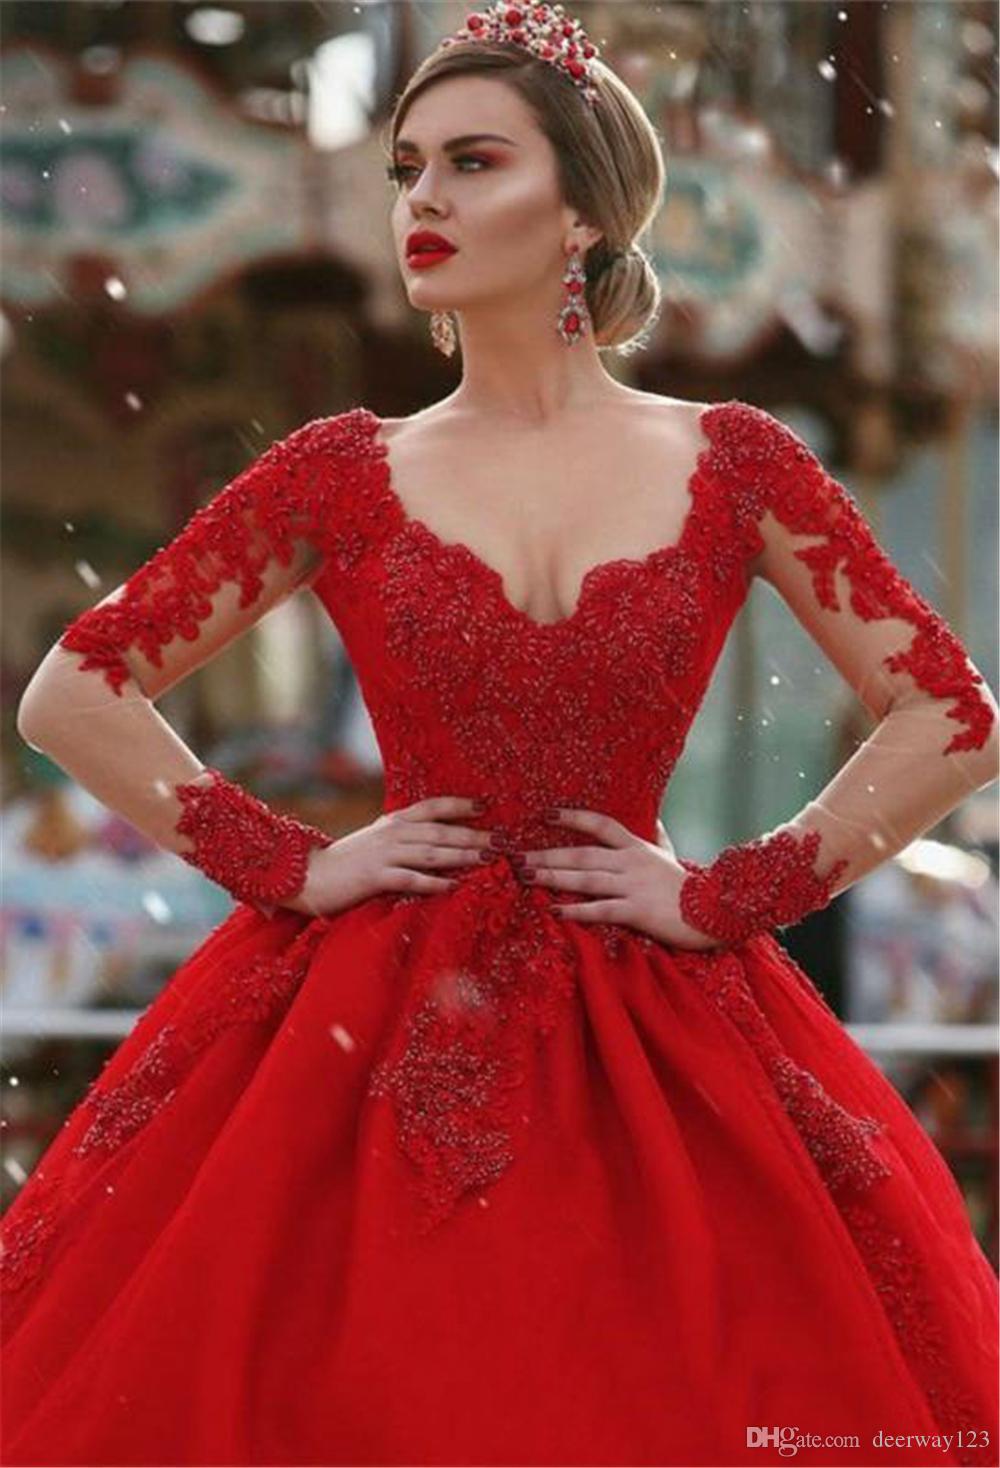 Sur mesure Faire manches longues rouge Robes de bal décolleté en V-cou dentelle Appliqued rouge Puffy long arabe Dubaï Party Tenue de soirée Robes Celebrity